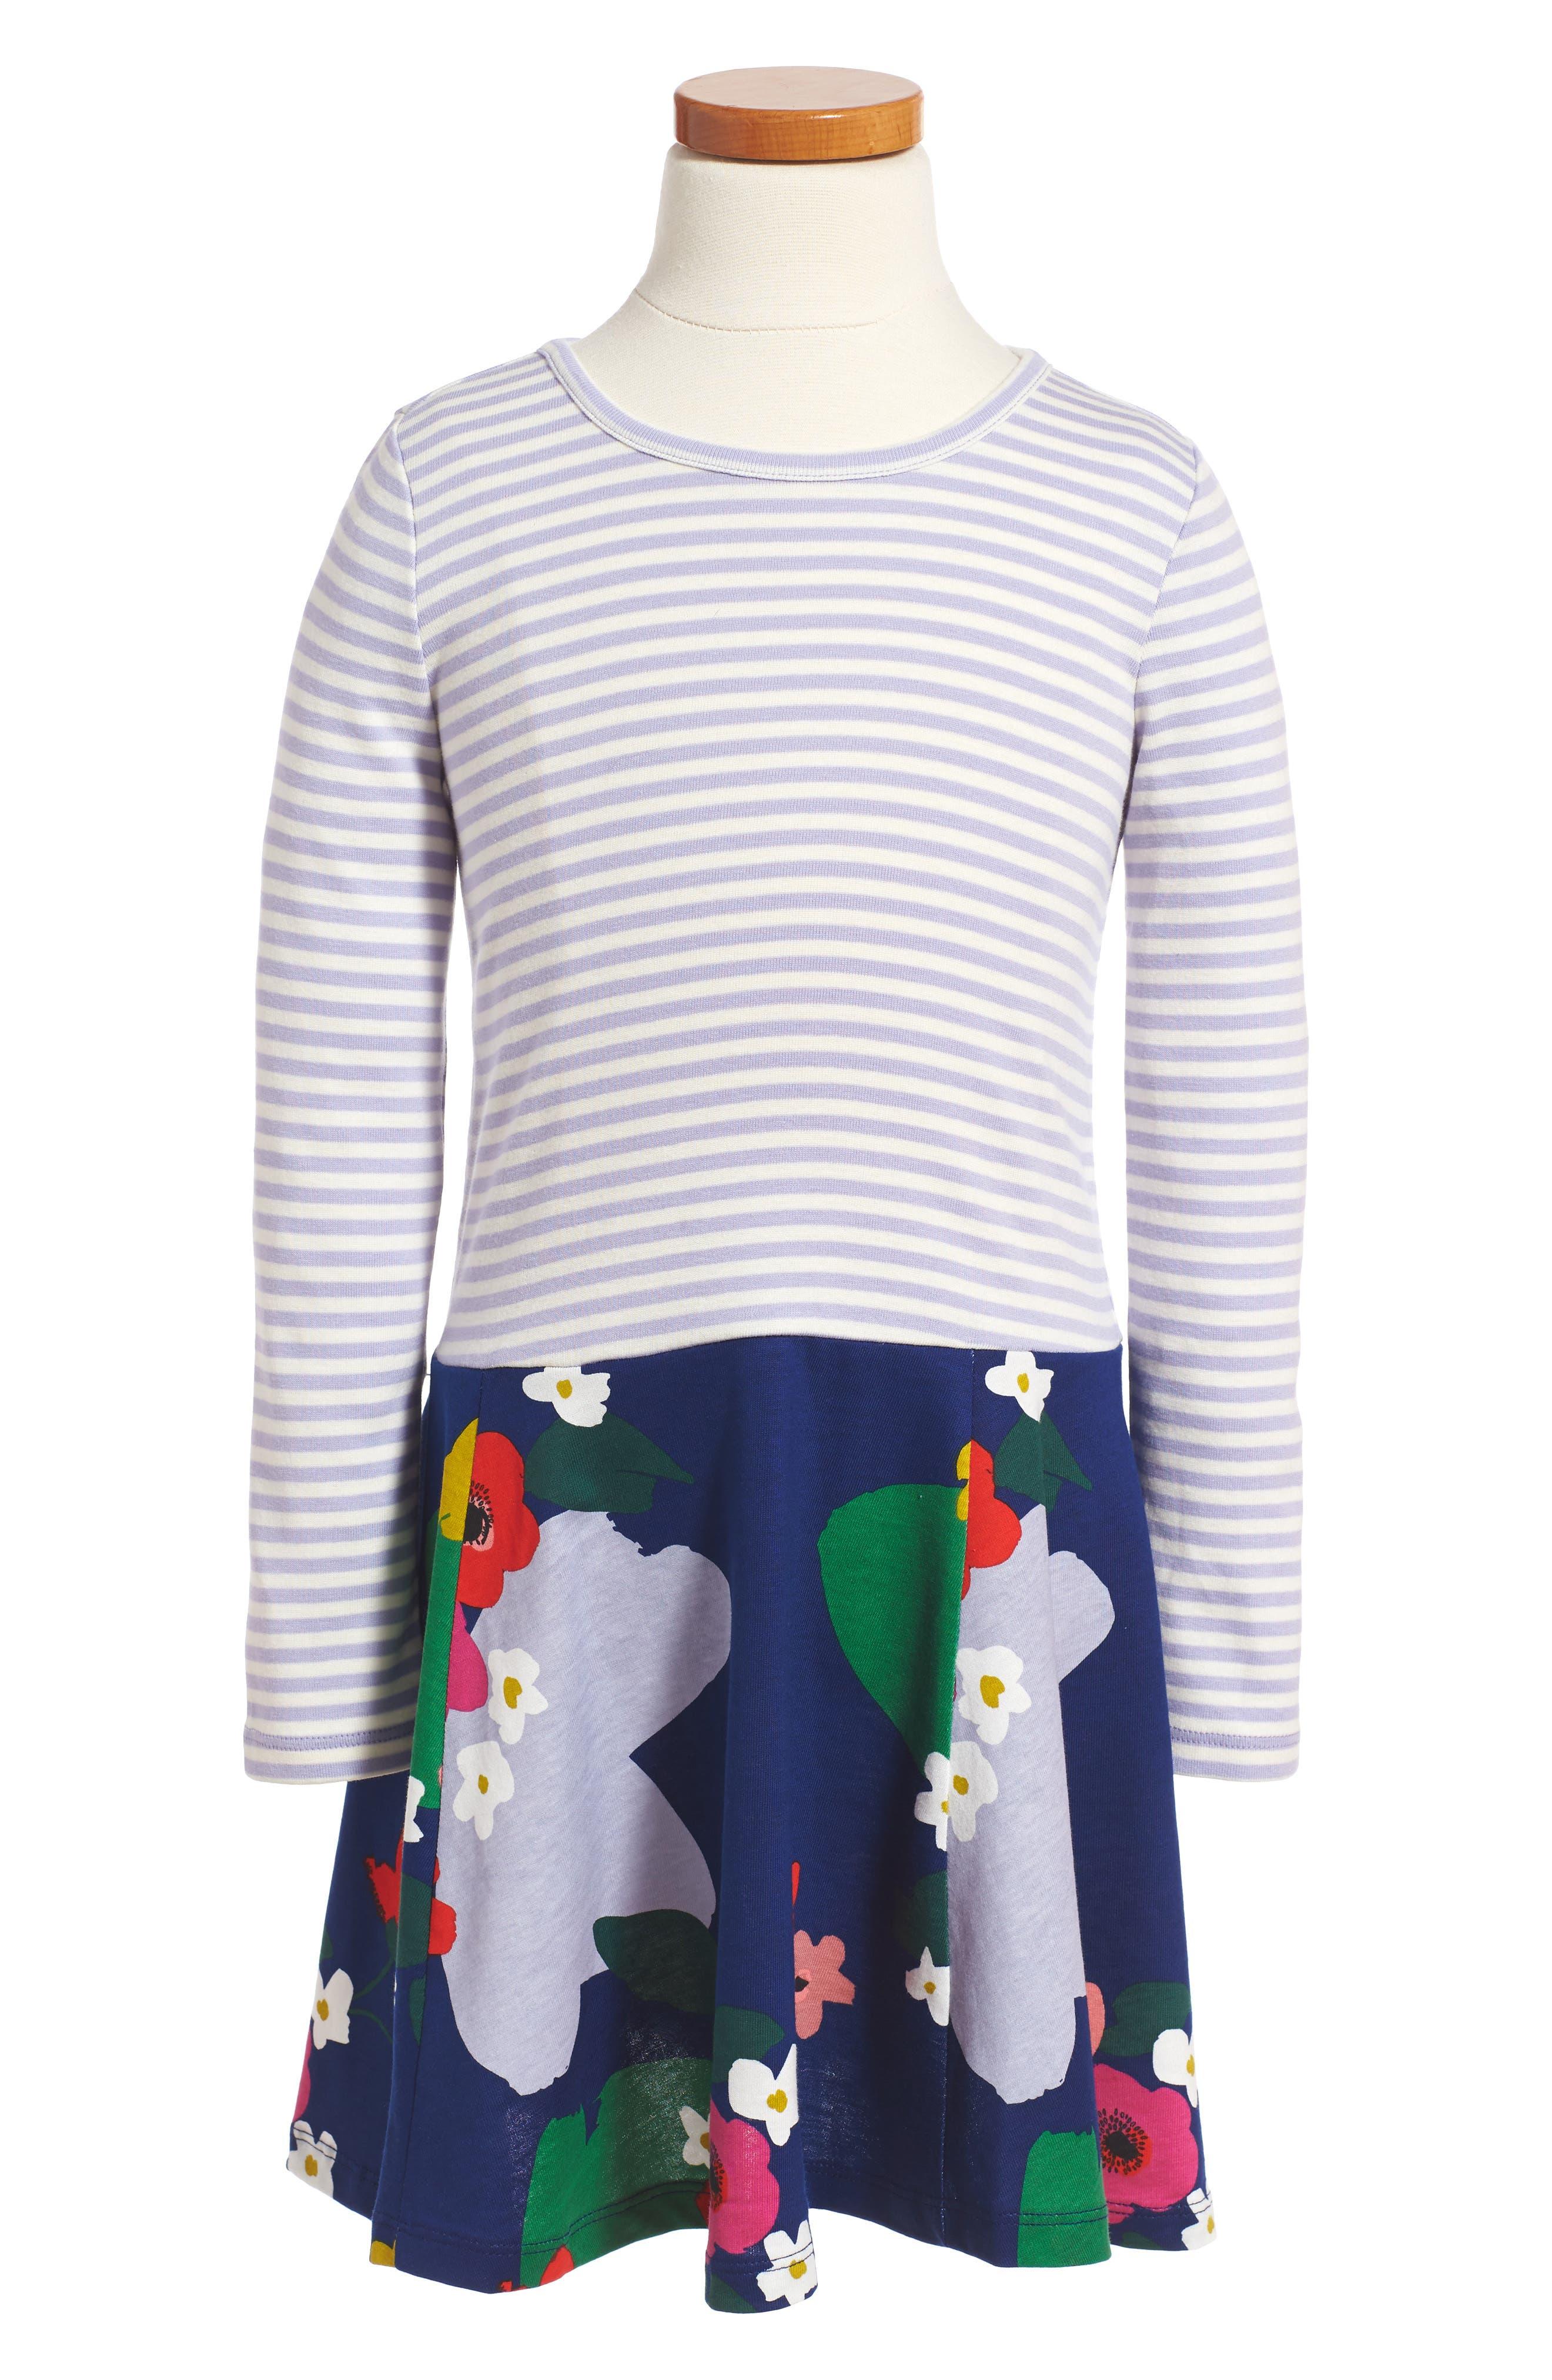 Main Image - Tea Collection Scotland Garden Dress (Toddler Girls, Little Girls & Big Girls)